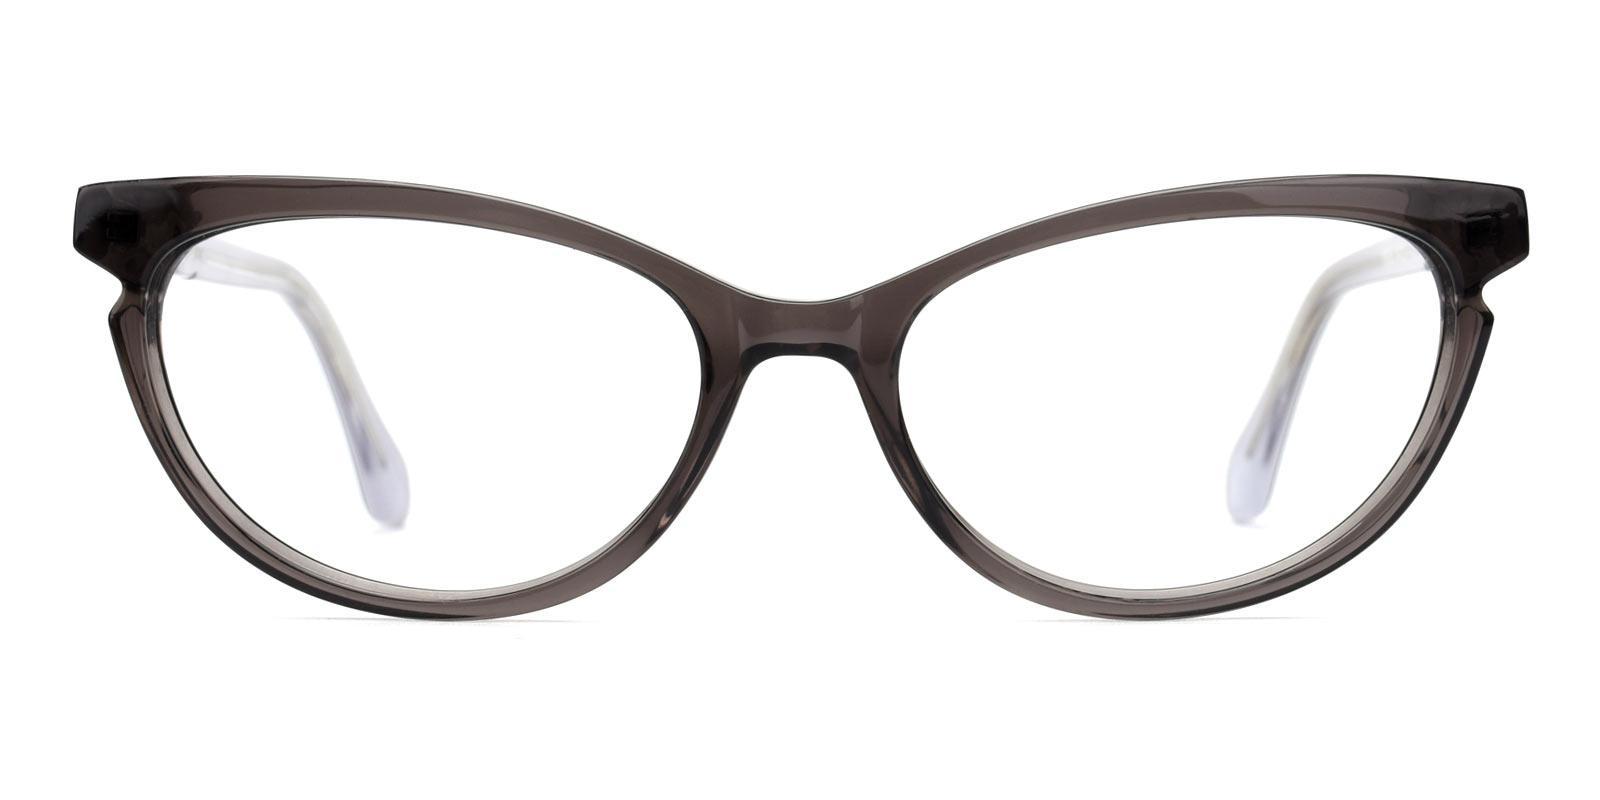 Sunrise-Gray-Cat-TR-Eyeglasses-detail